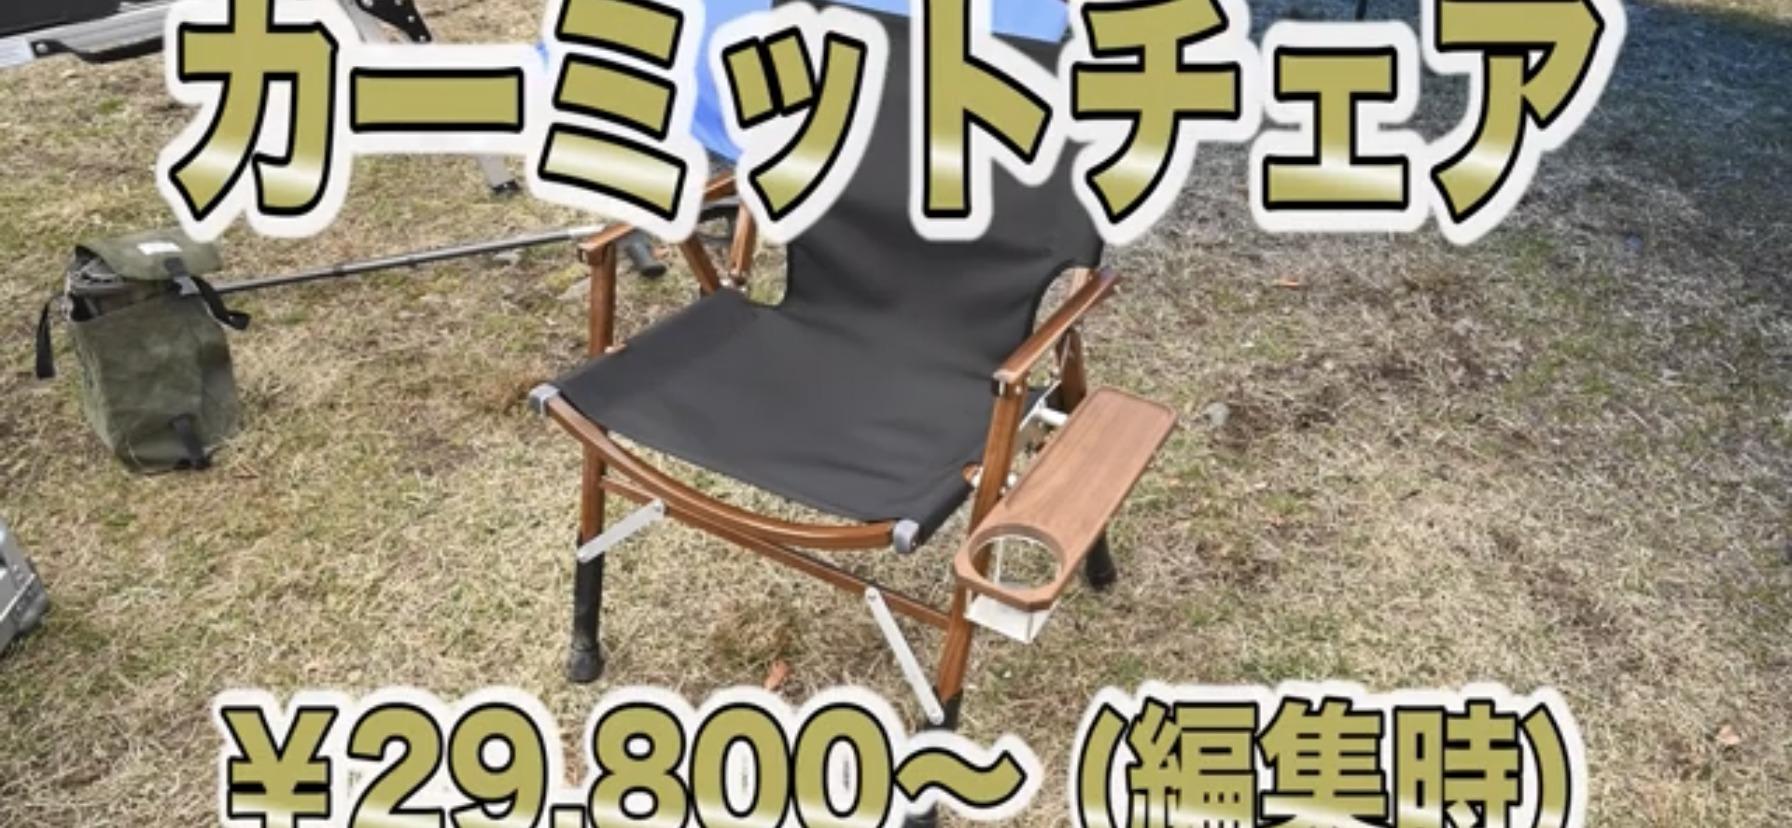 【アメリカ製】カーミットチェアの写真